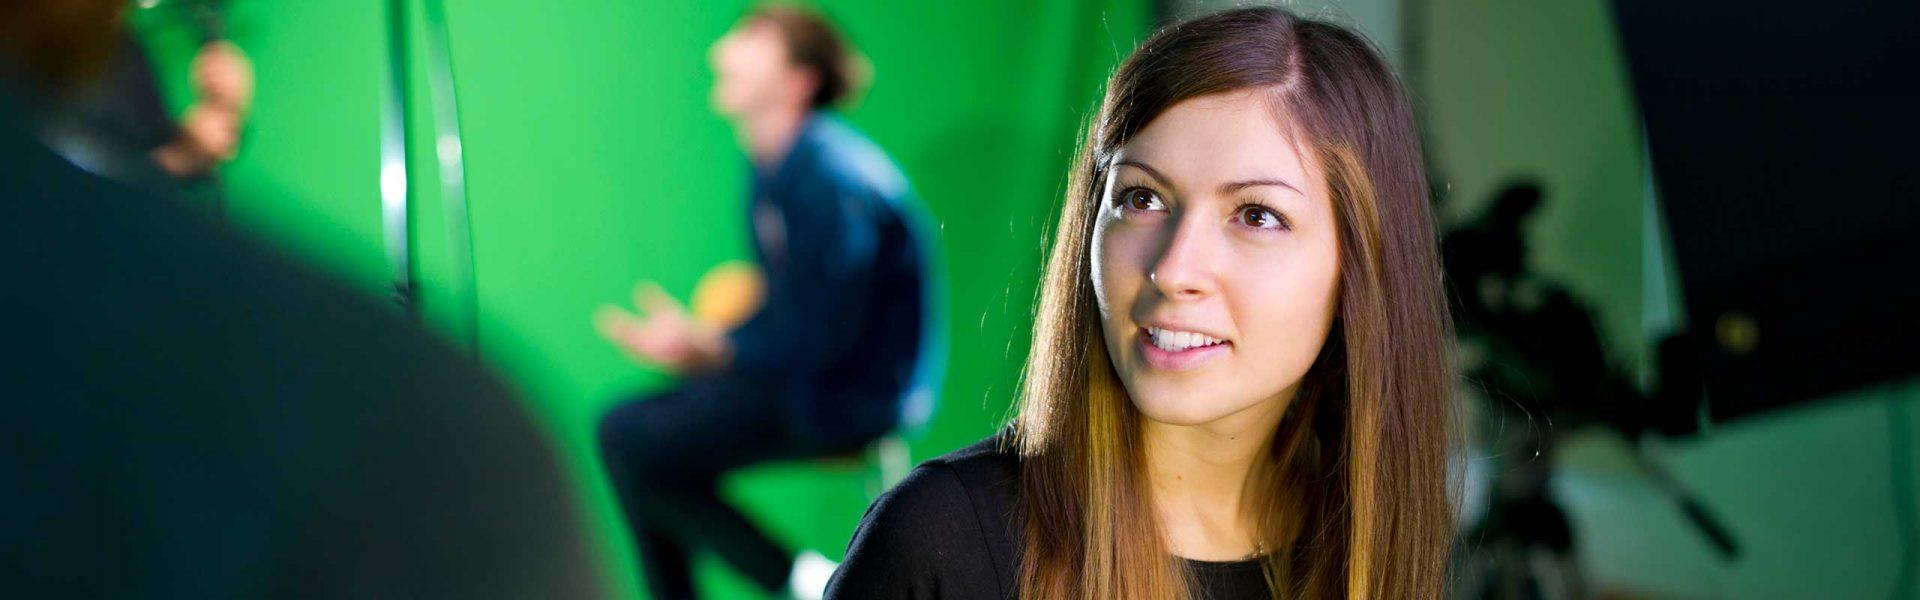 In TV Journalismus Seminaren den Umgang vor der Kamera und den dazugehörigen Techniken kennenlernen.